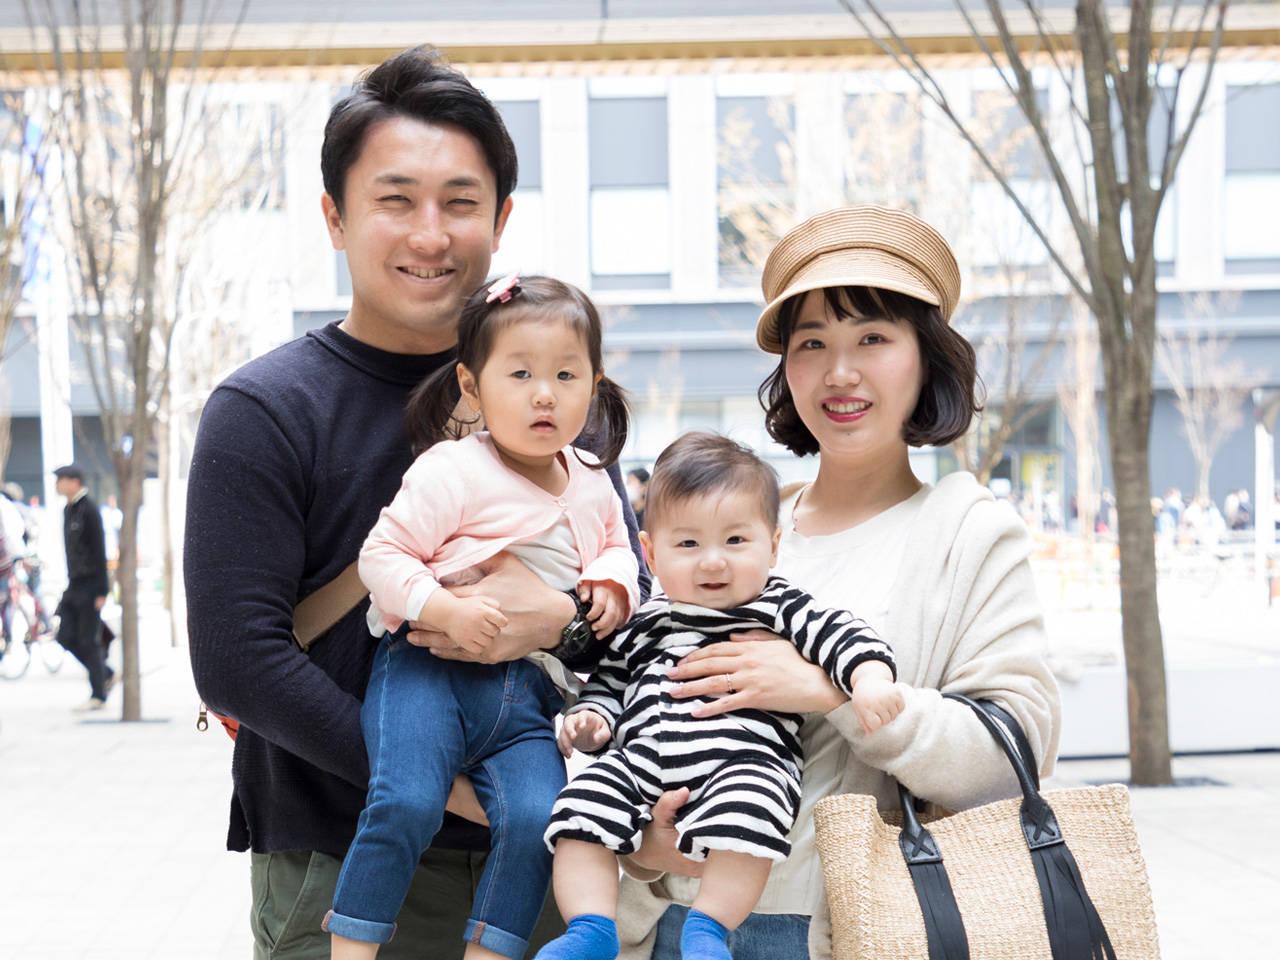 【愛知】4月の親子スナップ撮影会は「HDC名古屋」で開催!